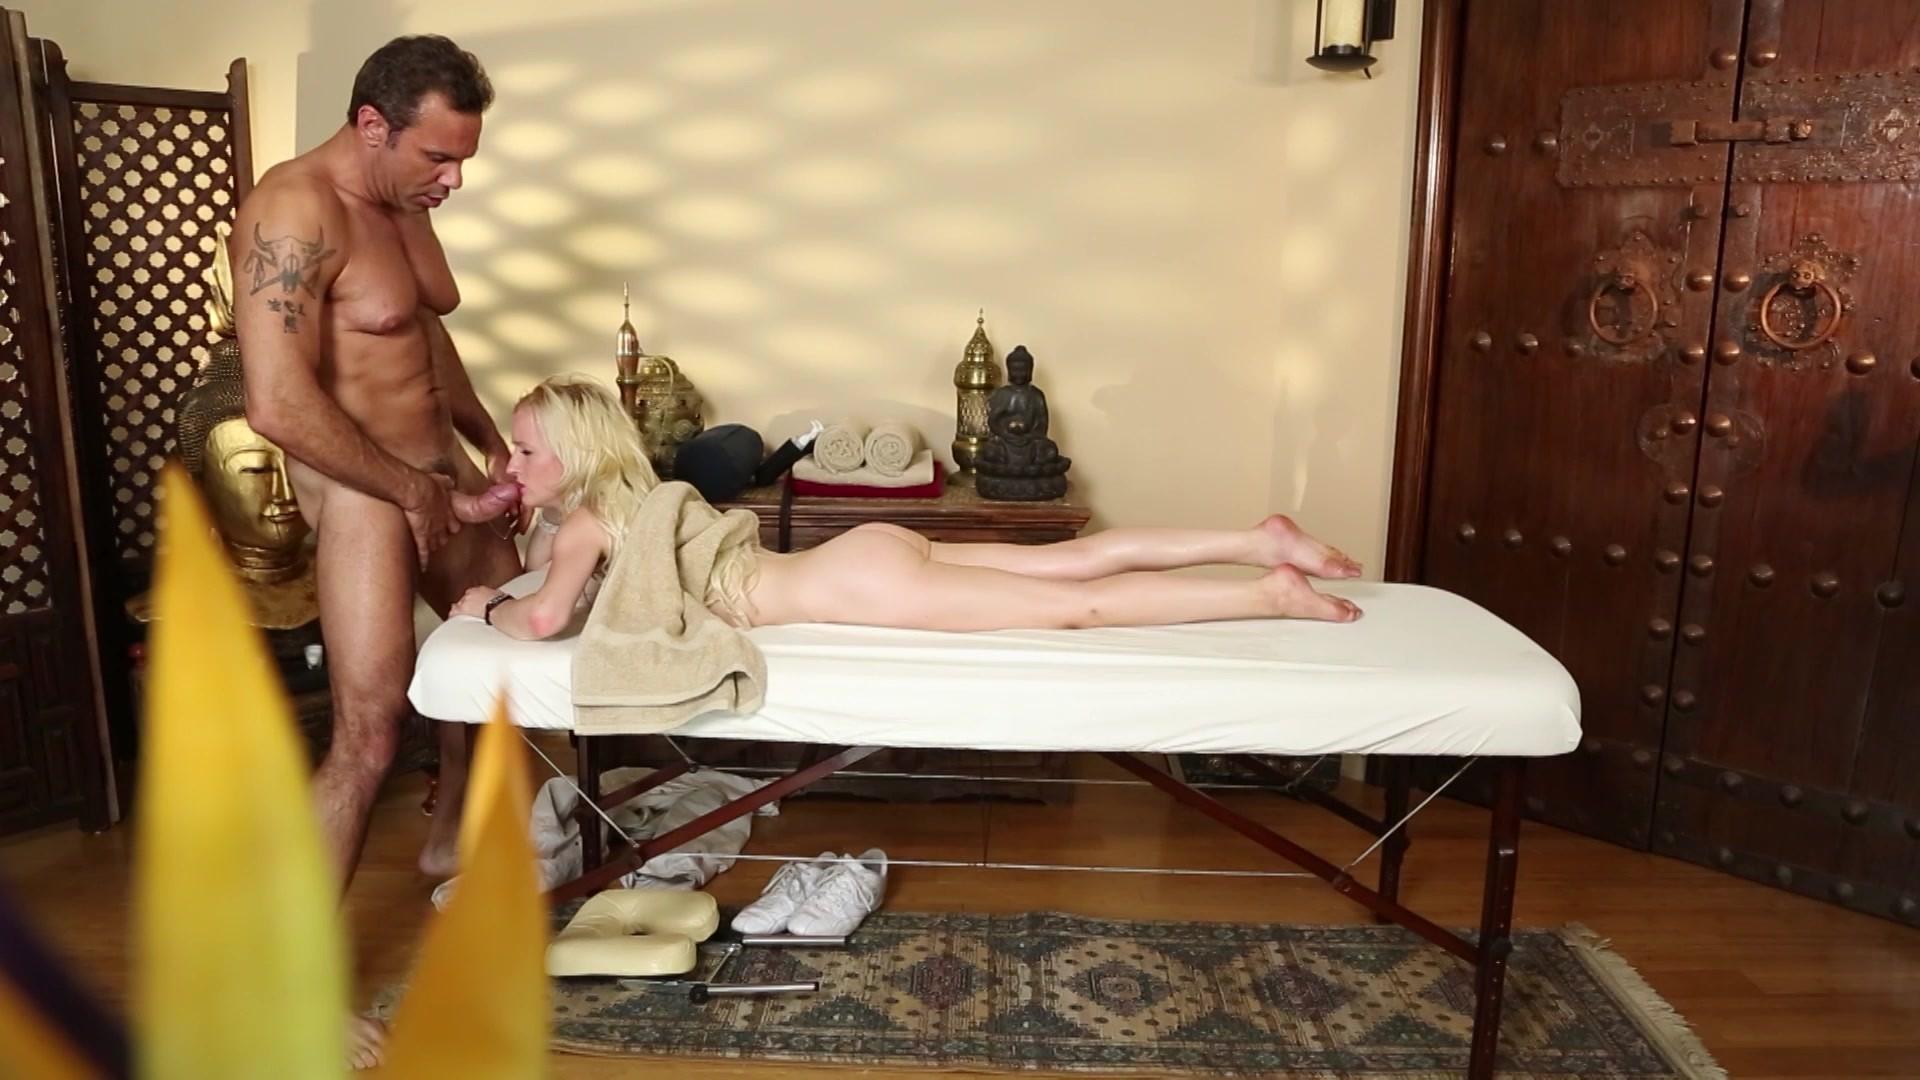 Видишь японский массаж скрытая камера порно видео как